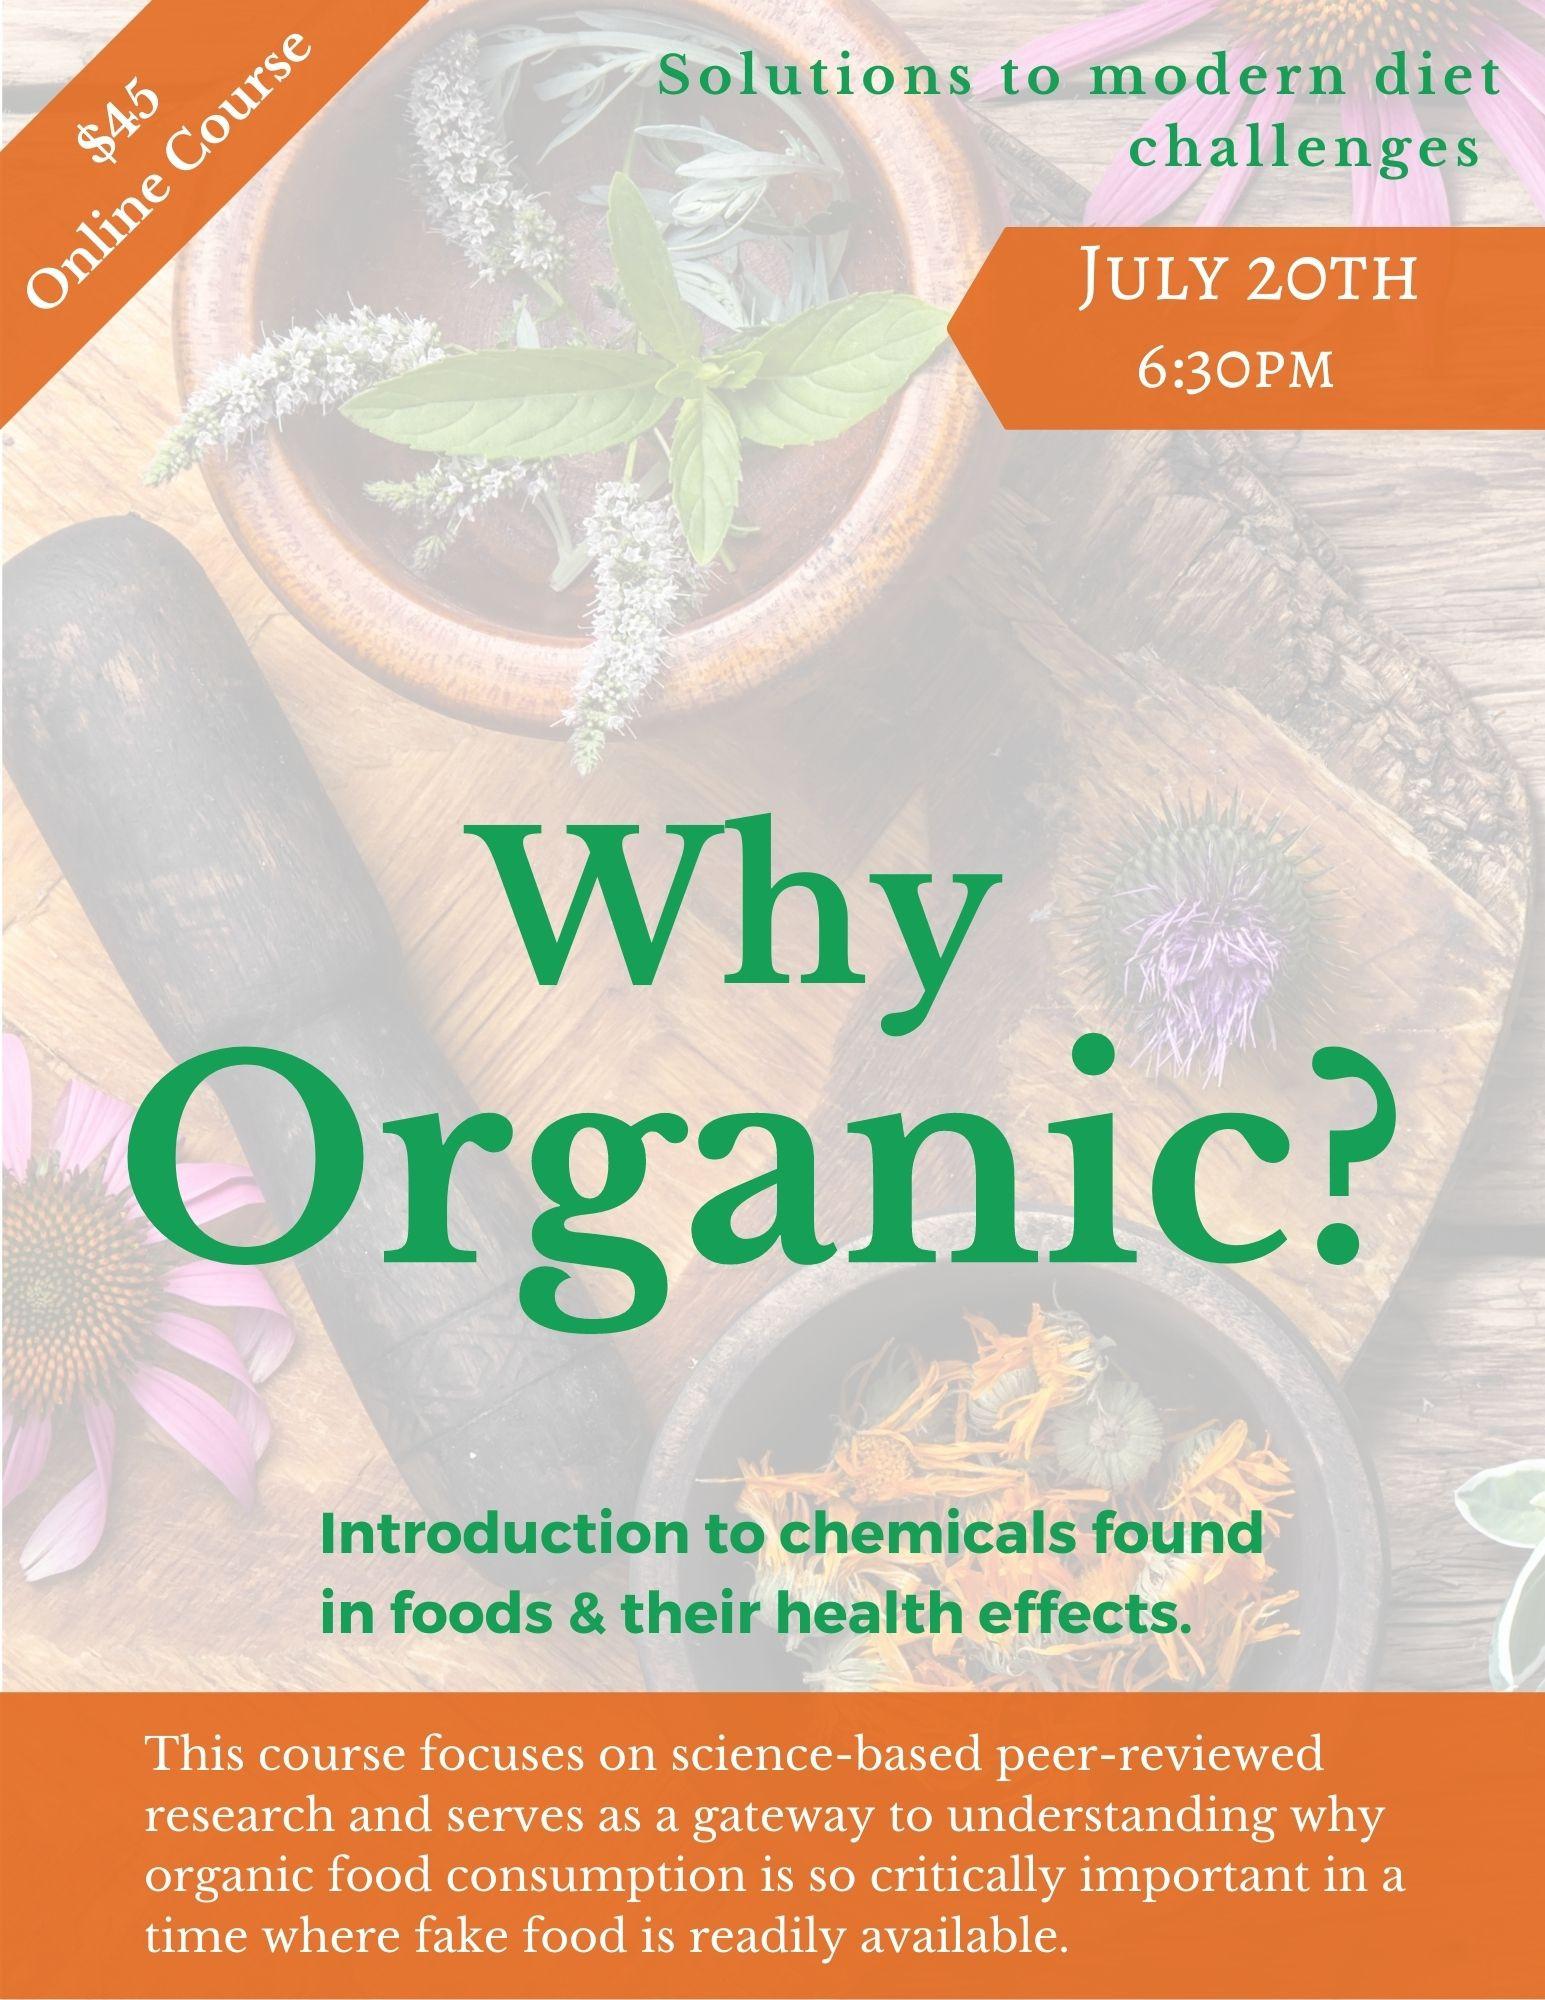 Why Organics?